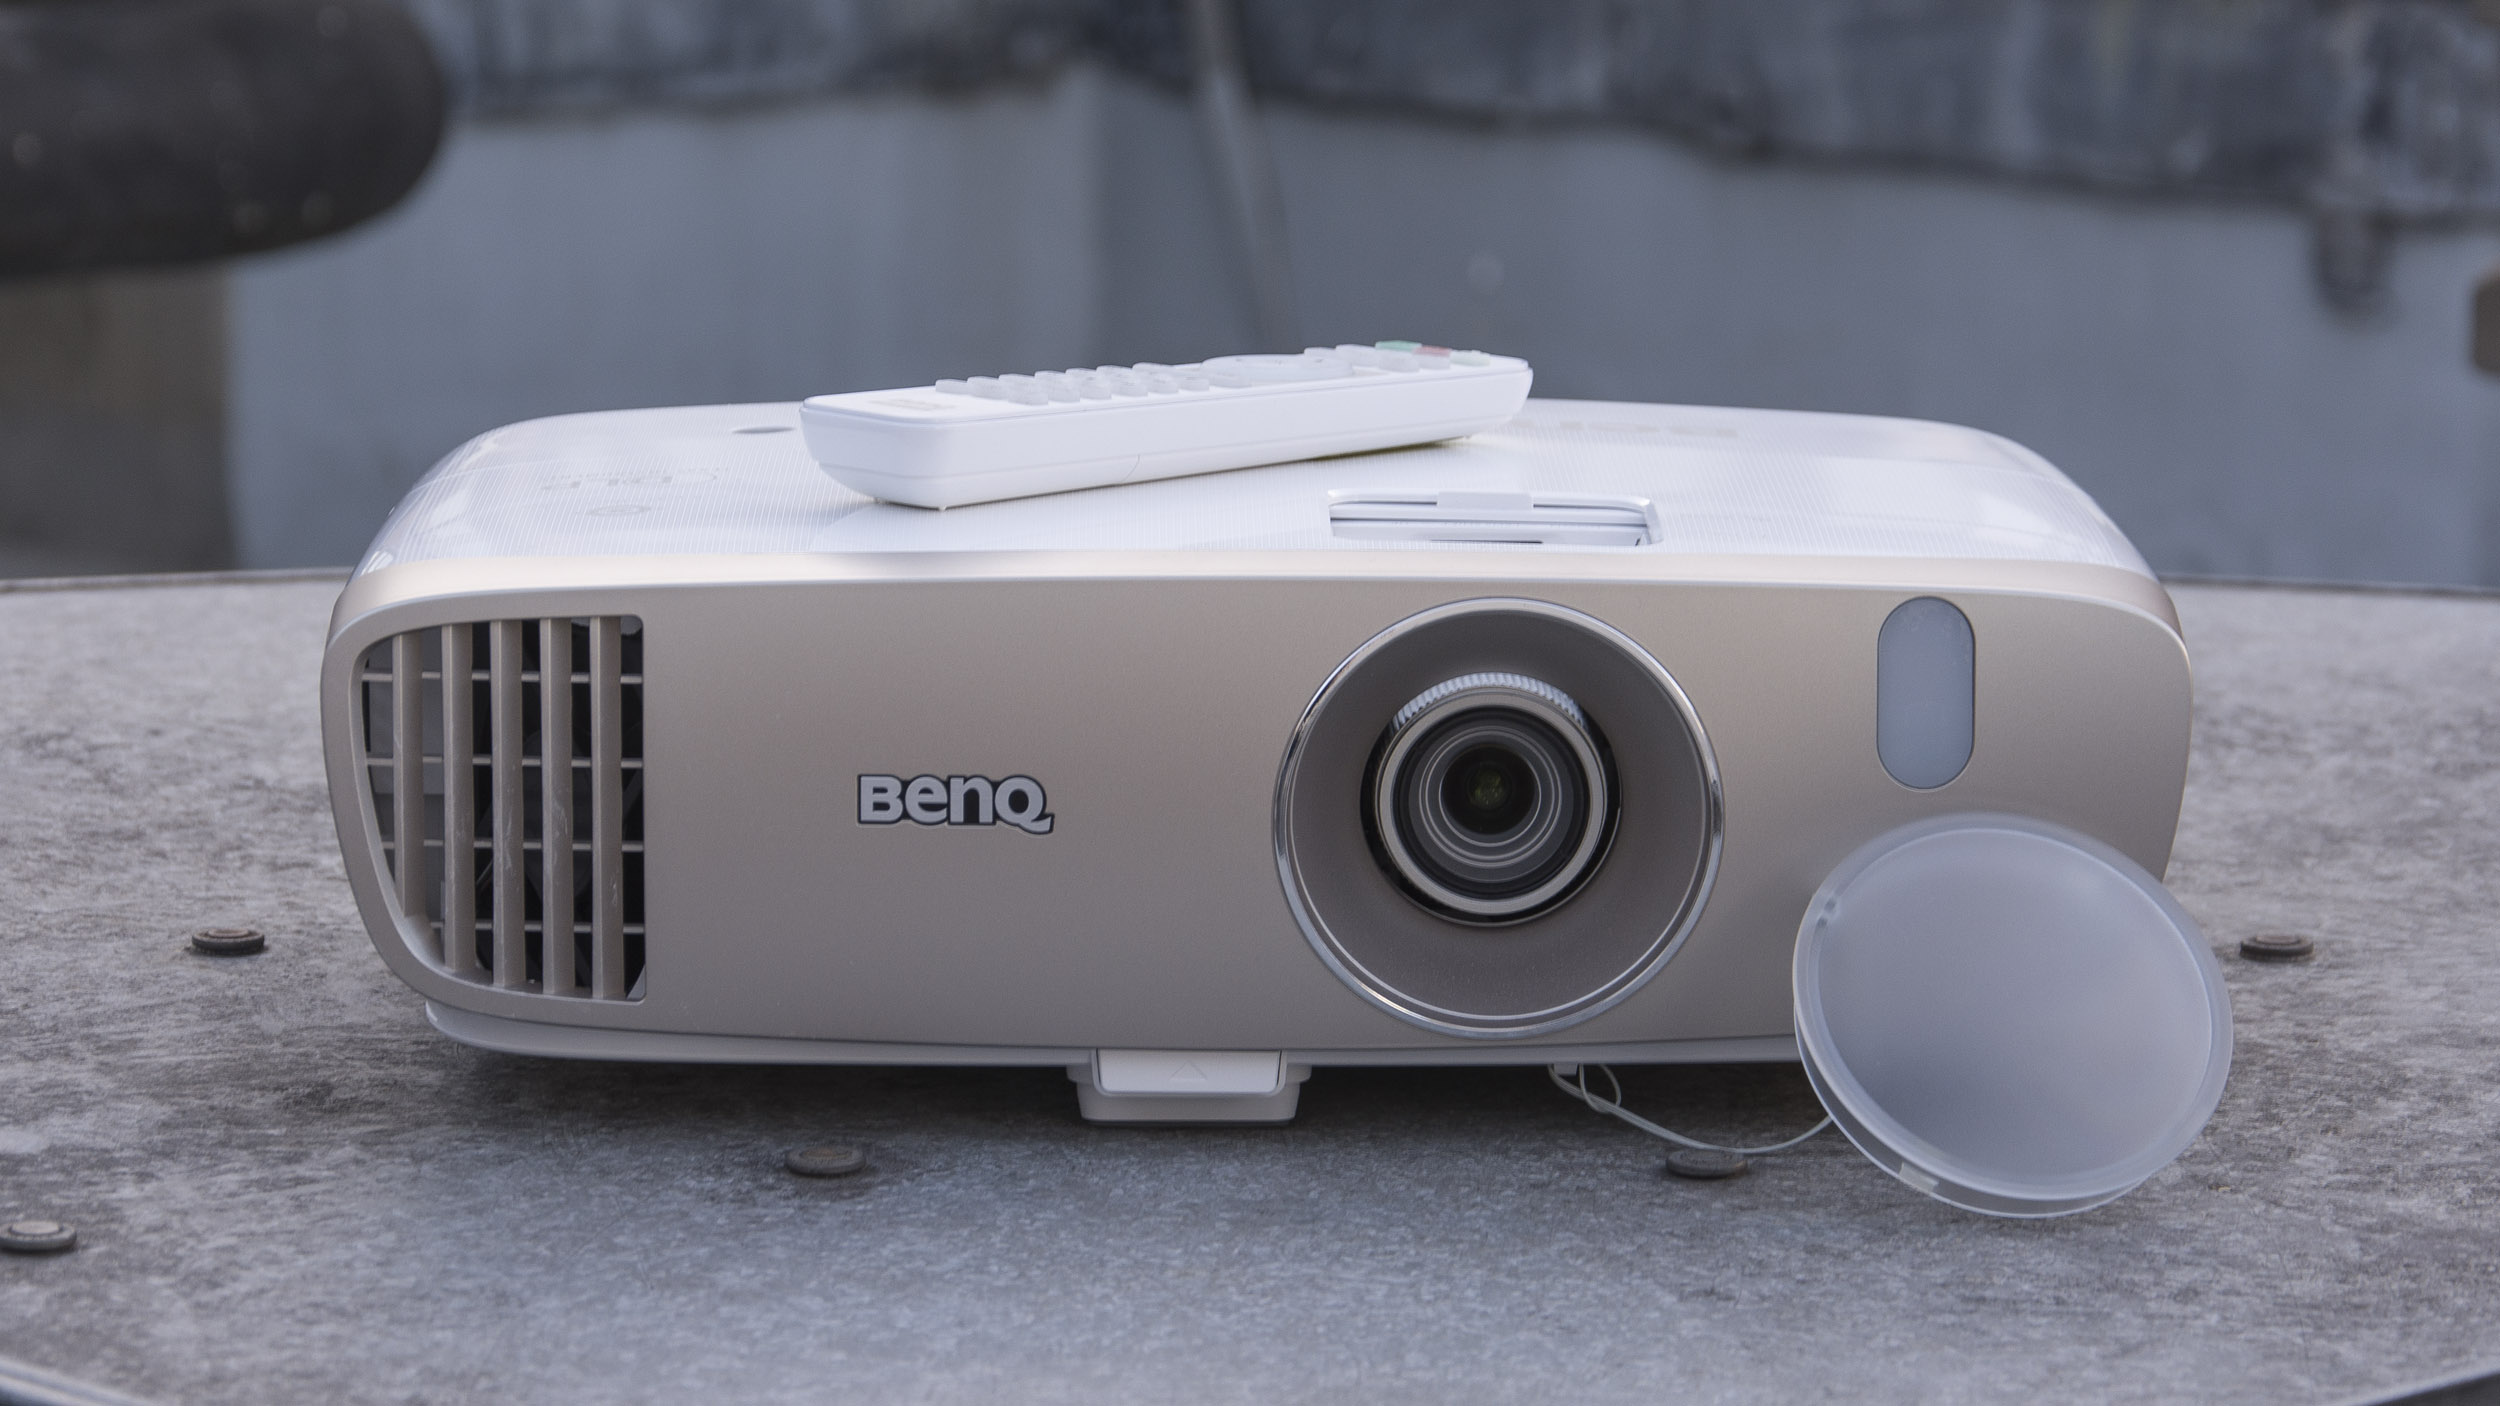 Hook up soundbar to projector